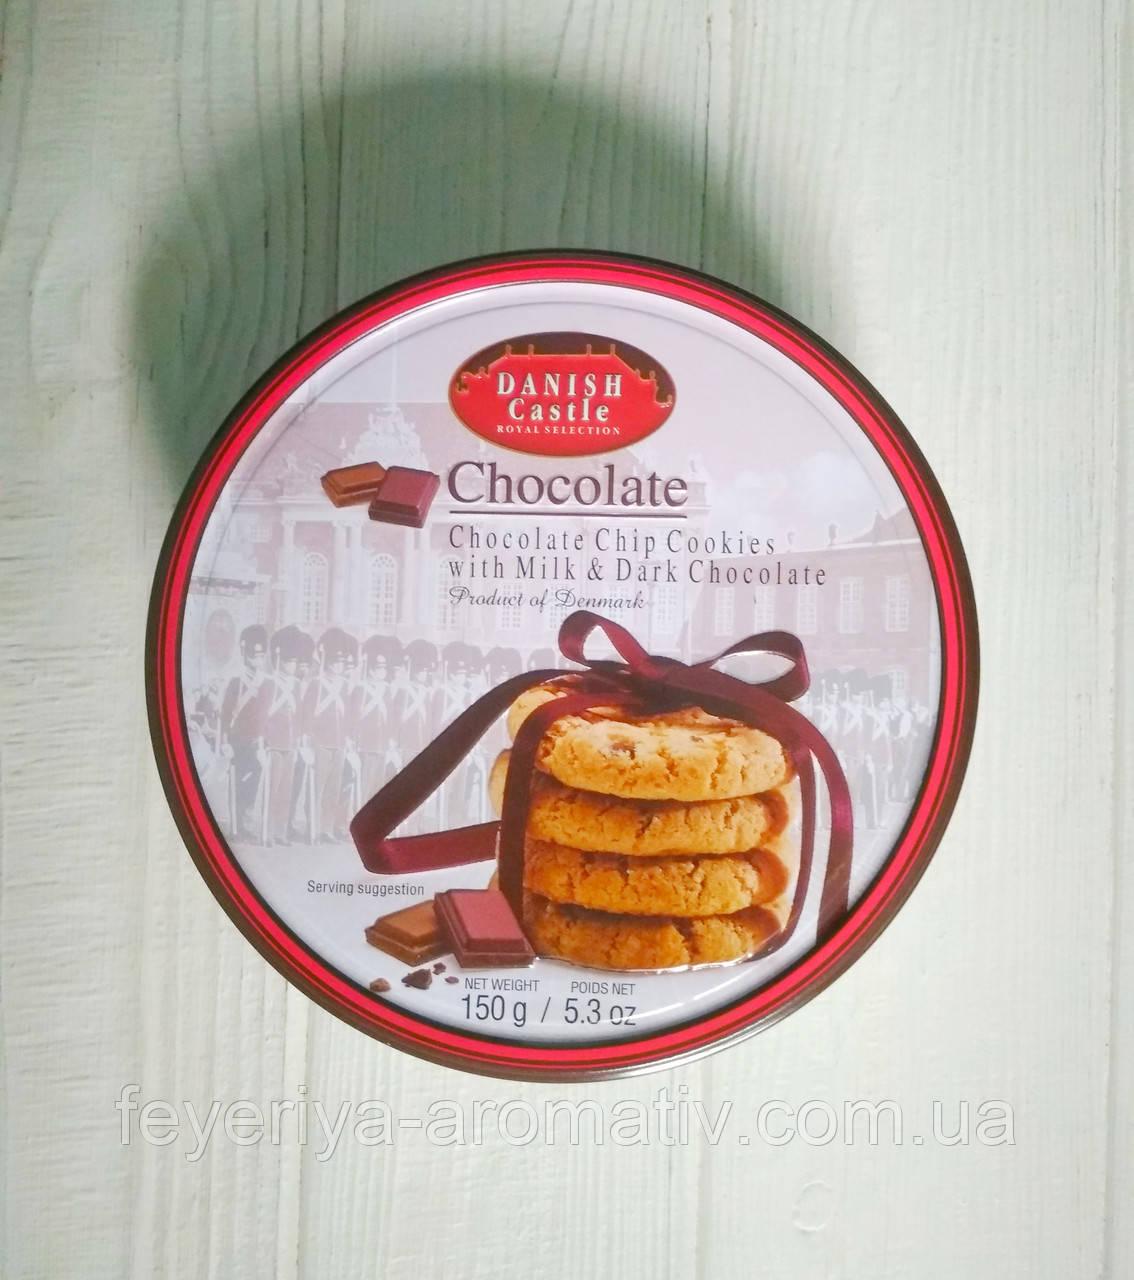 Печенье с шоколадной крошкой Danish Castle Chocolate 150гр (Дания)